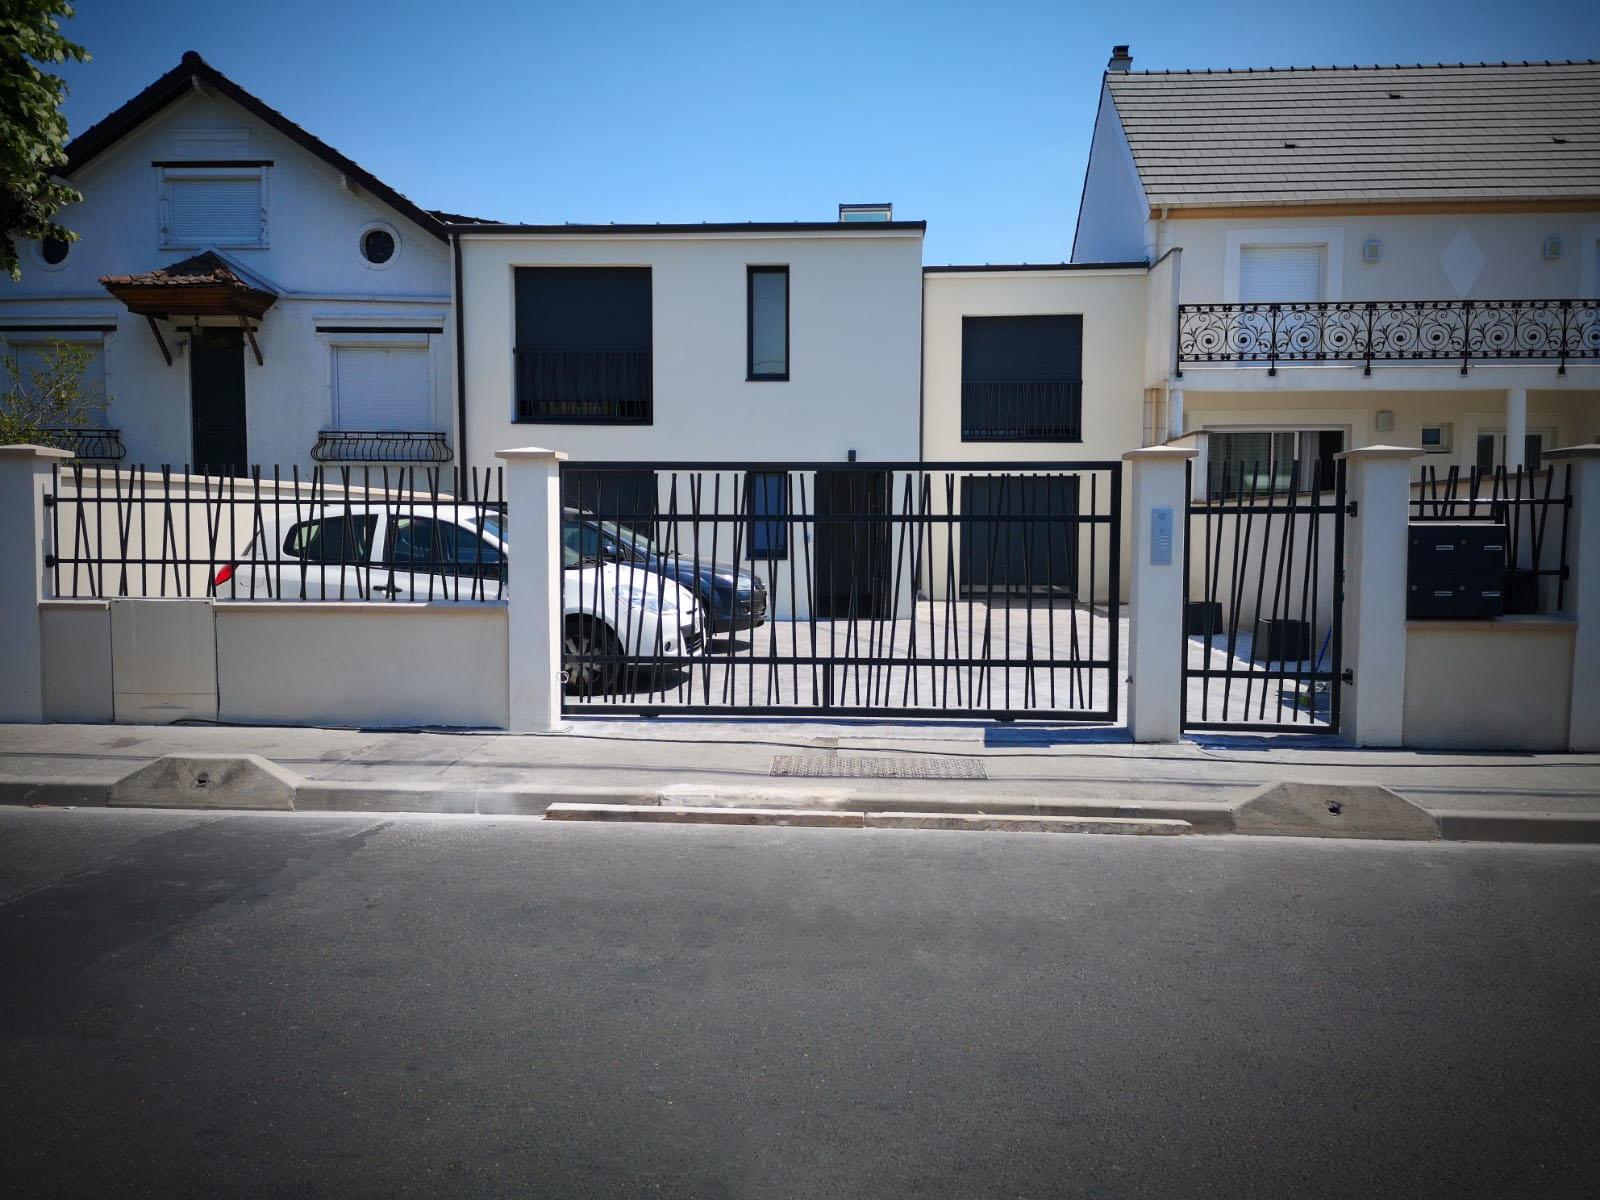 Réalisation de garde-corps, portail, portillon, porte d'entrée et fenêtres.